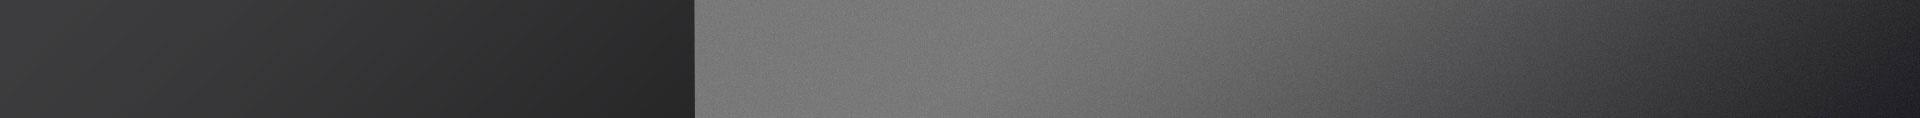 iX4L-详情页_01_01.jpg